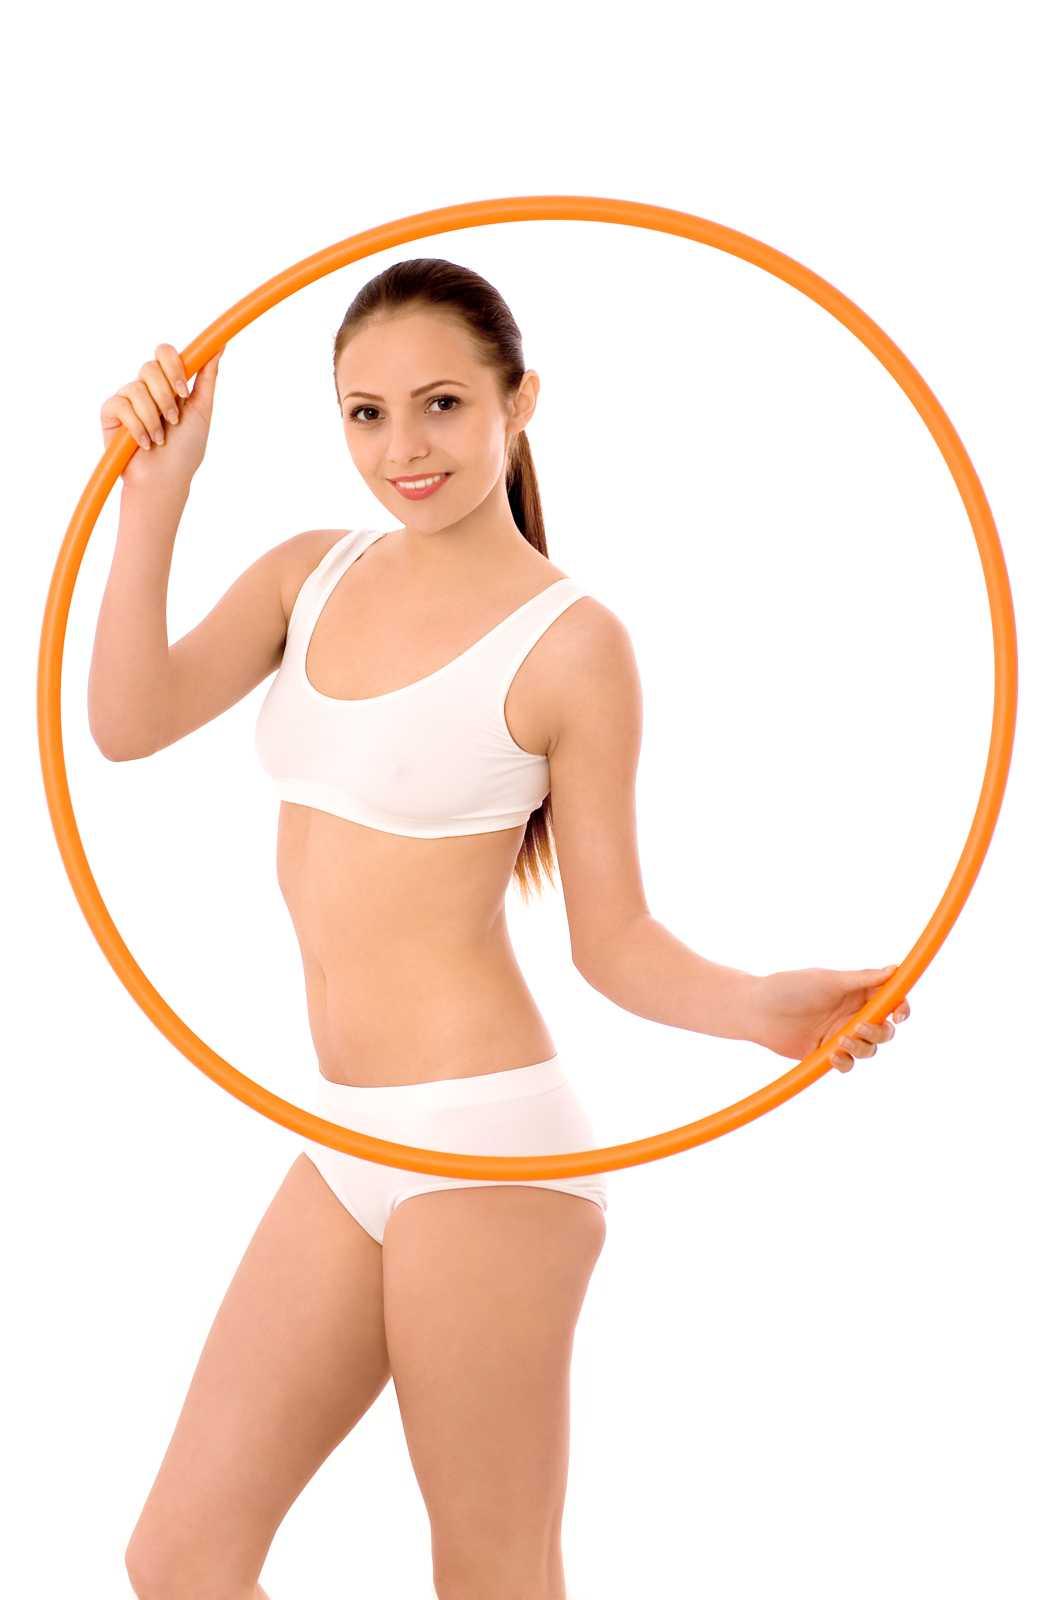 Сколько крутить обруч, чтобы похудеть и какой хулахупвыбрать для начинающих